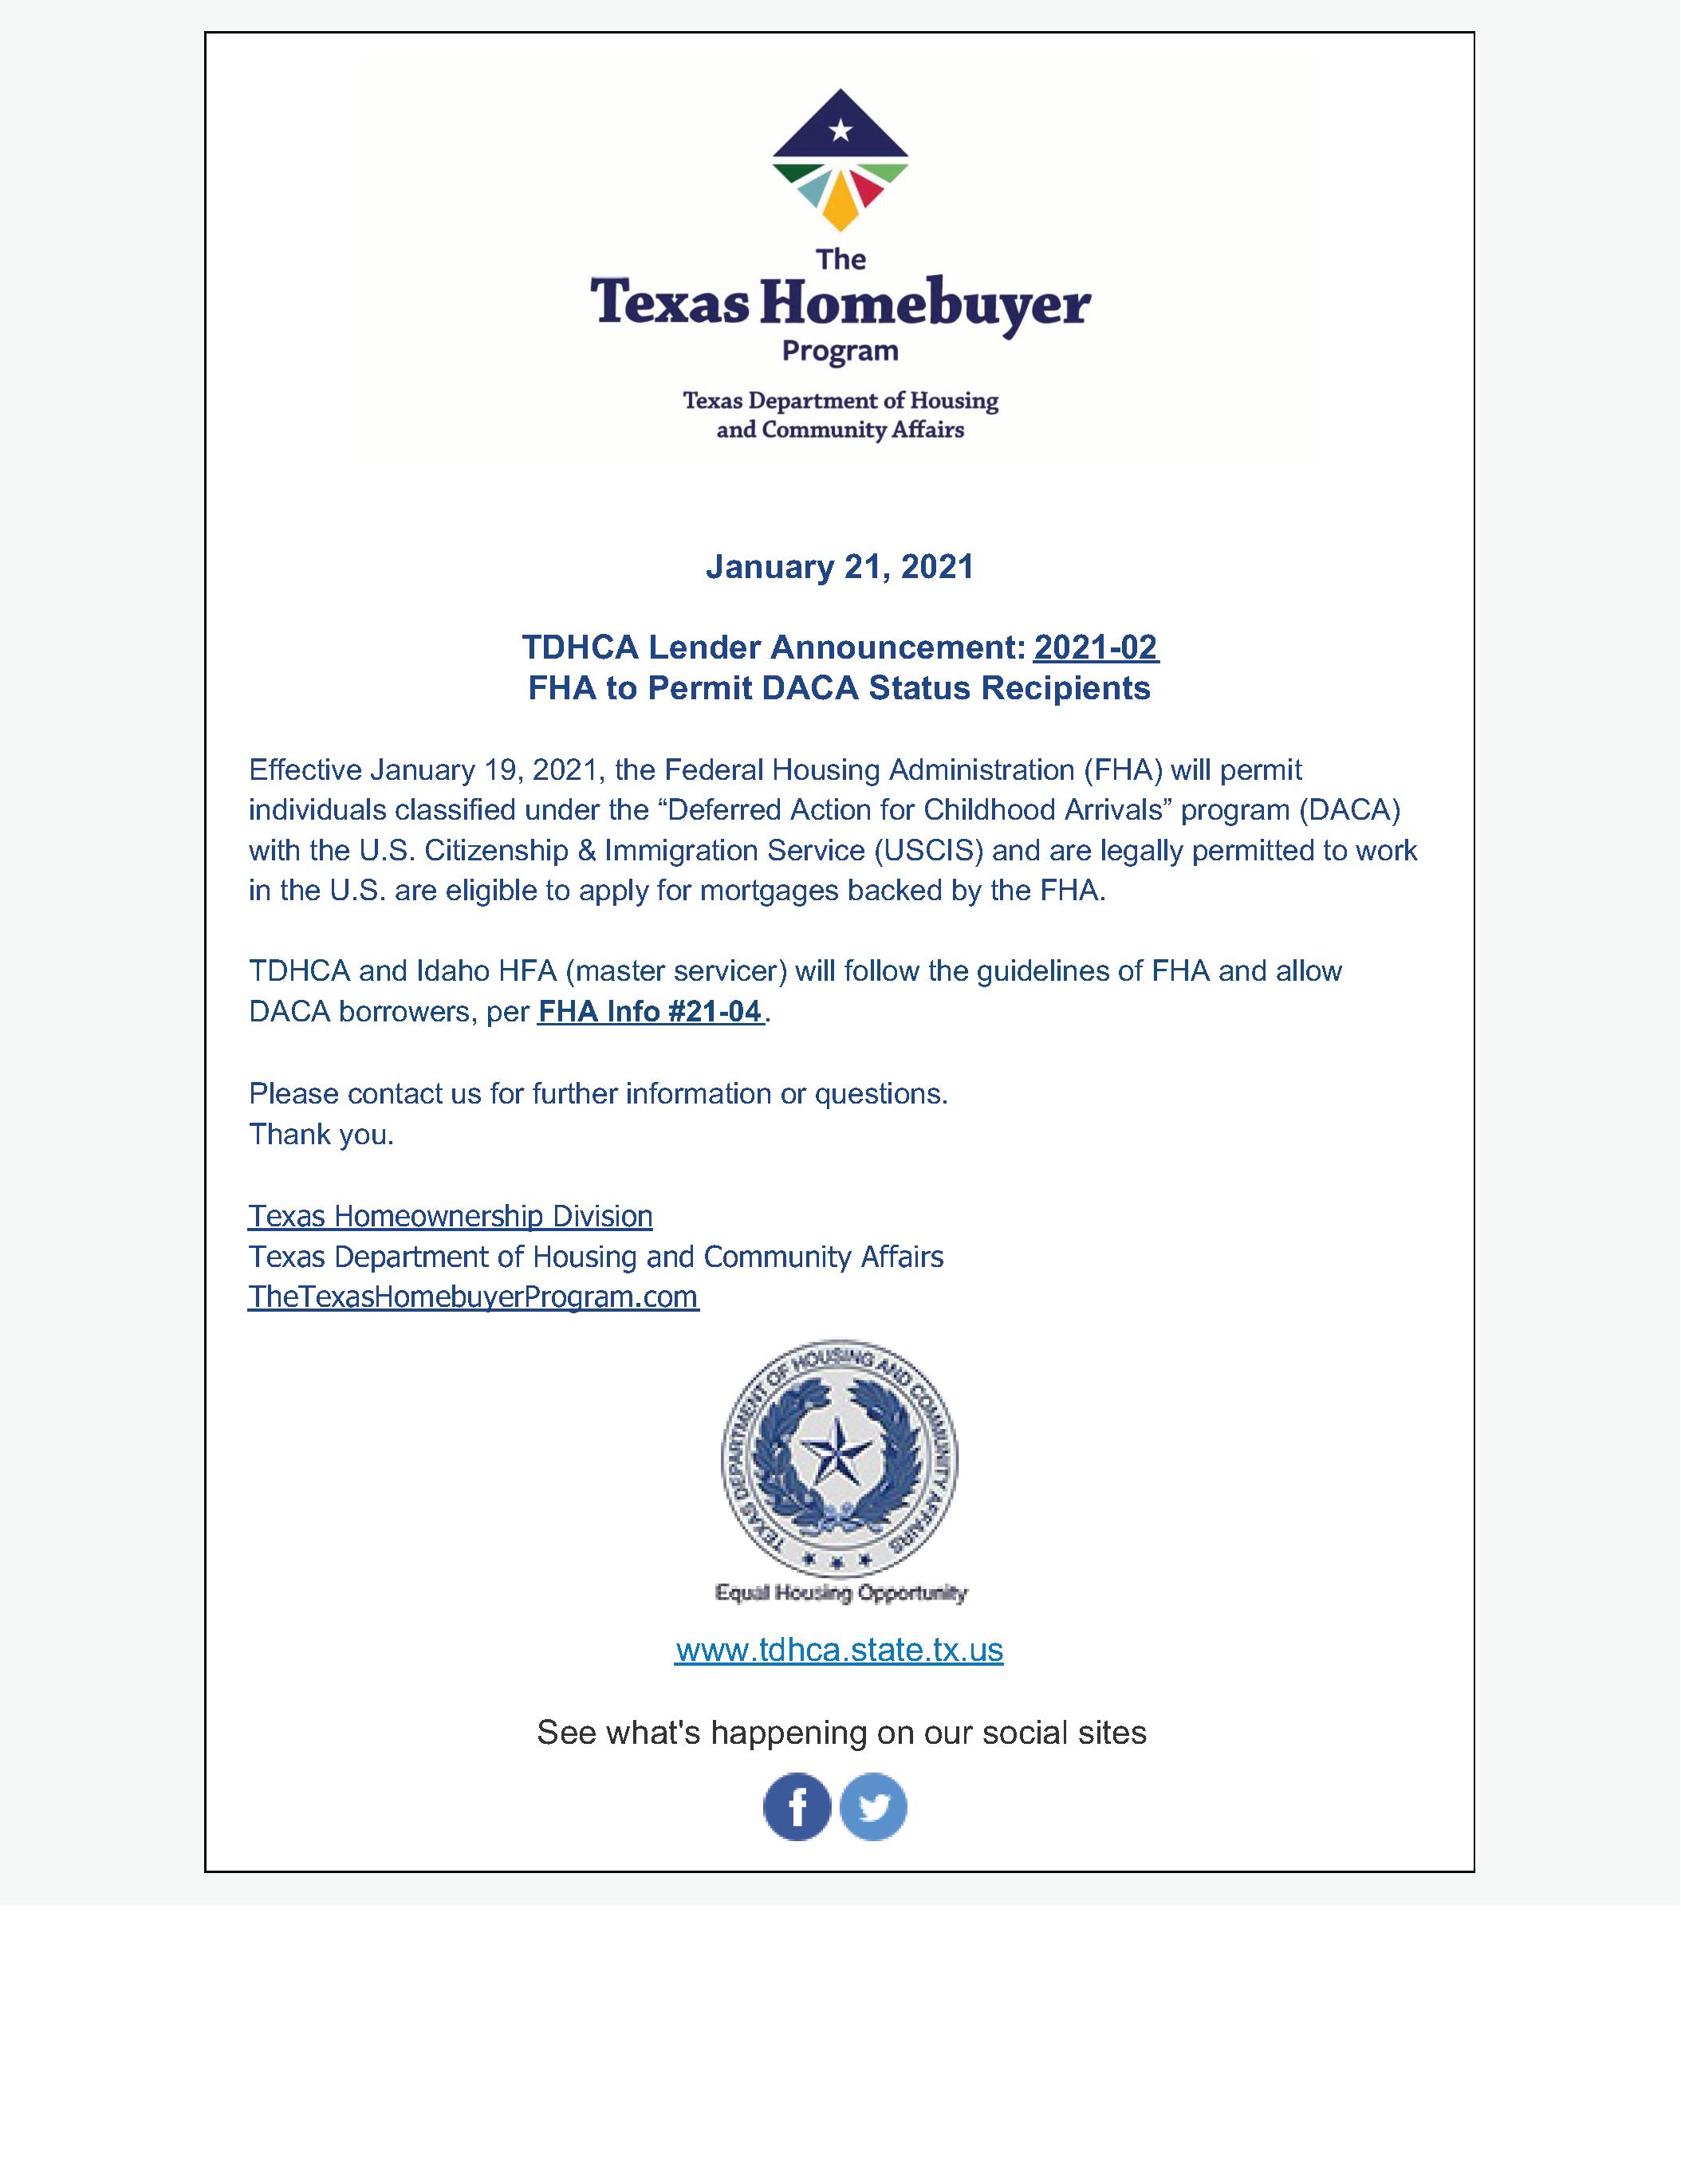 DACA Notice